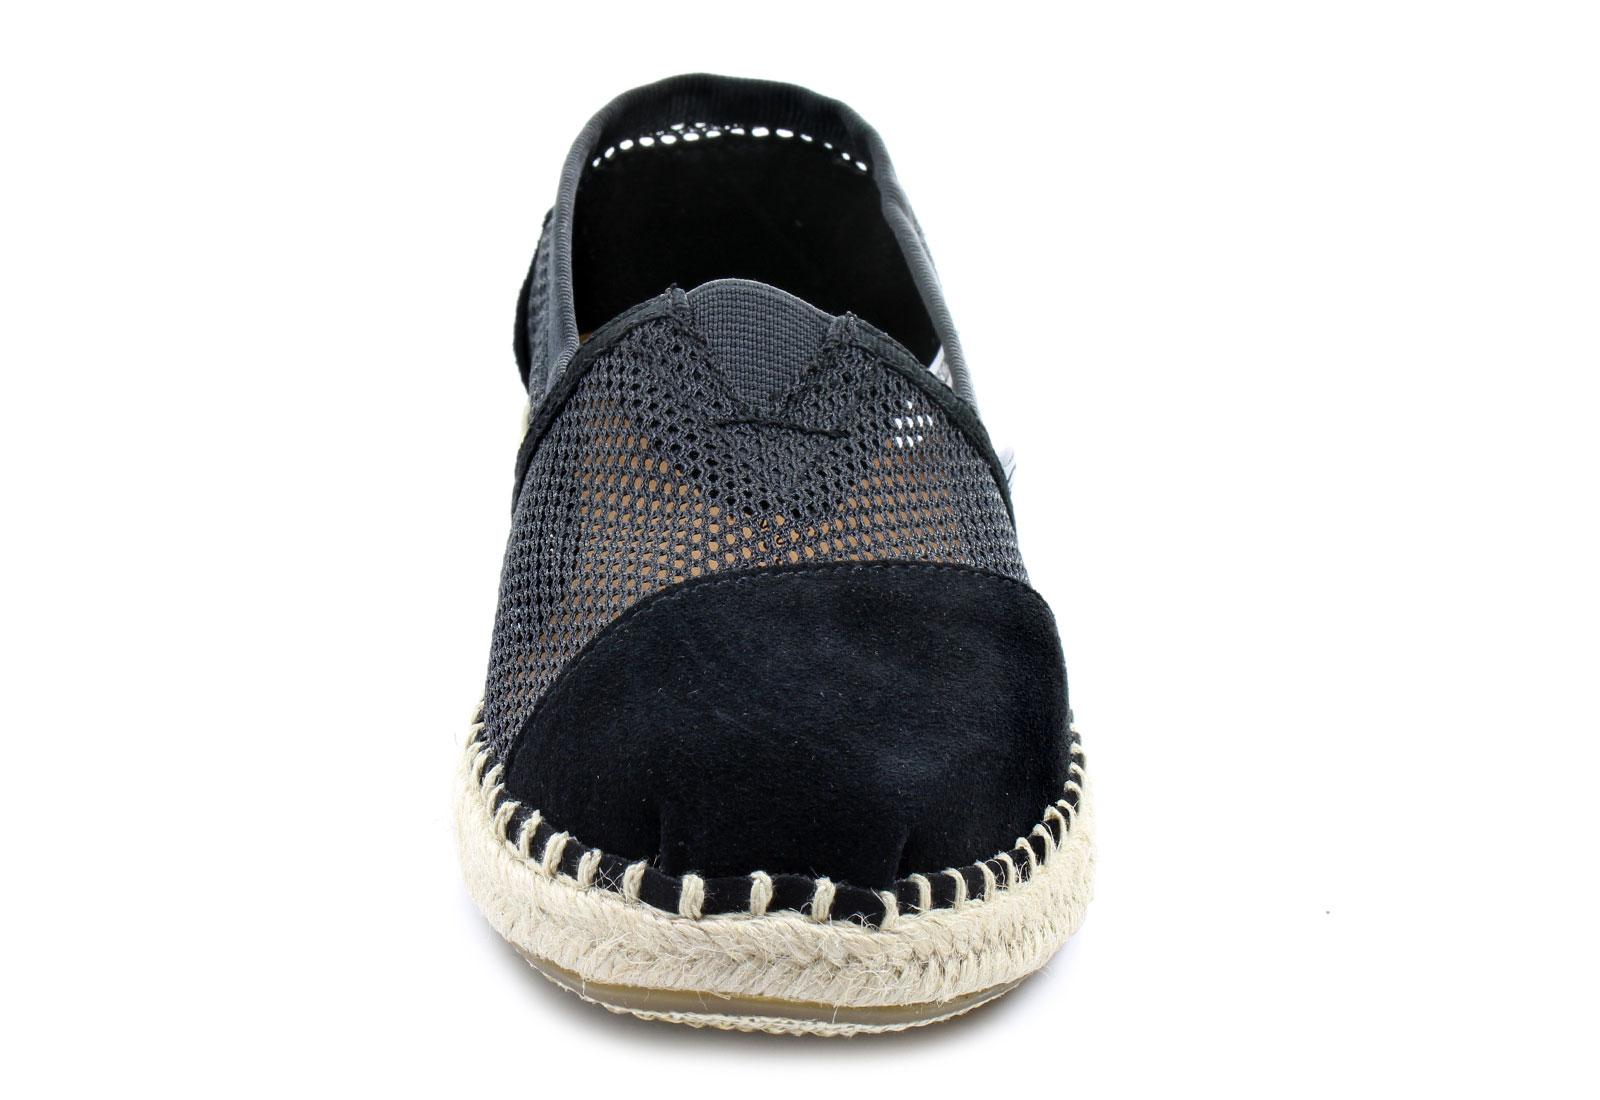 Toms Toile Espadrille W Chaussures Pantoufle De Noir Noir 4MTLB5nDR